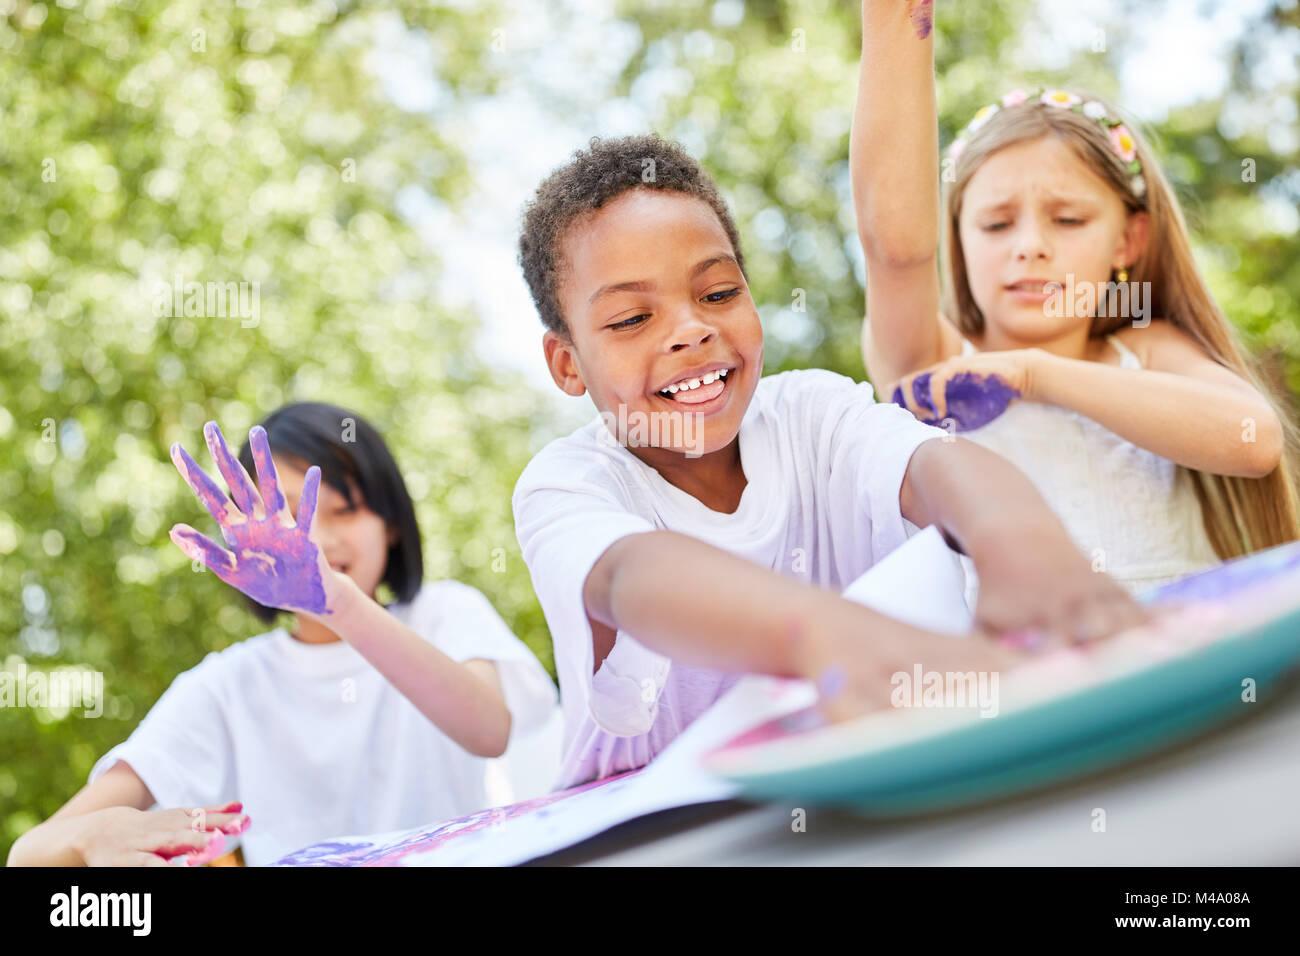 African boy joue avec les peintures et les peintures au doigt avec ses amis Photo Stock